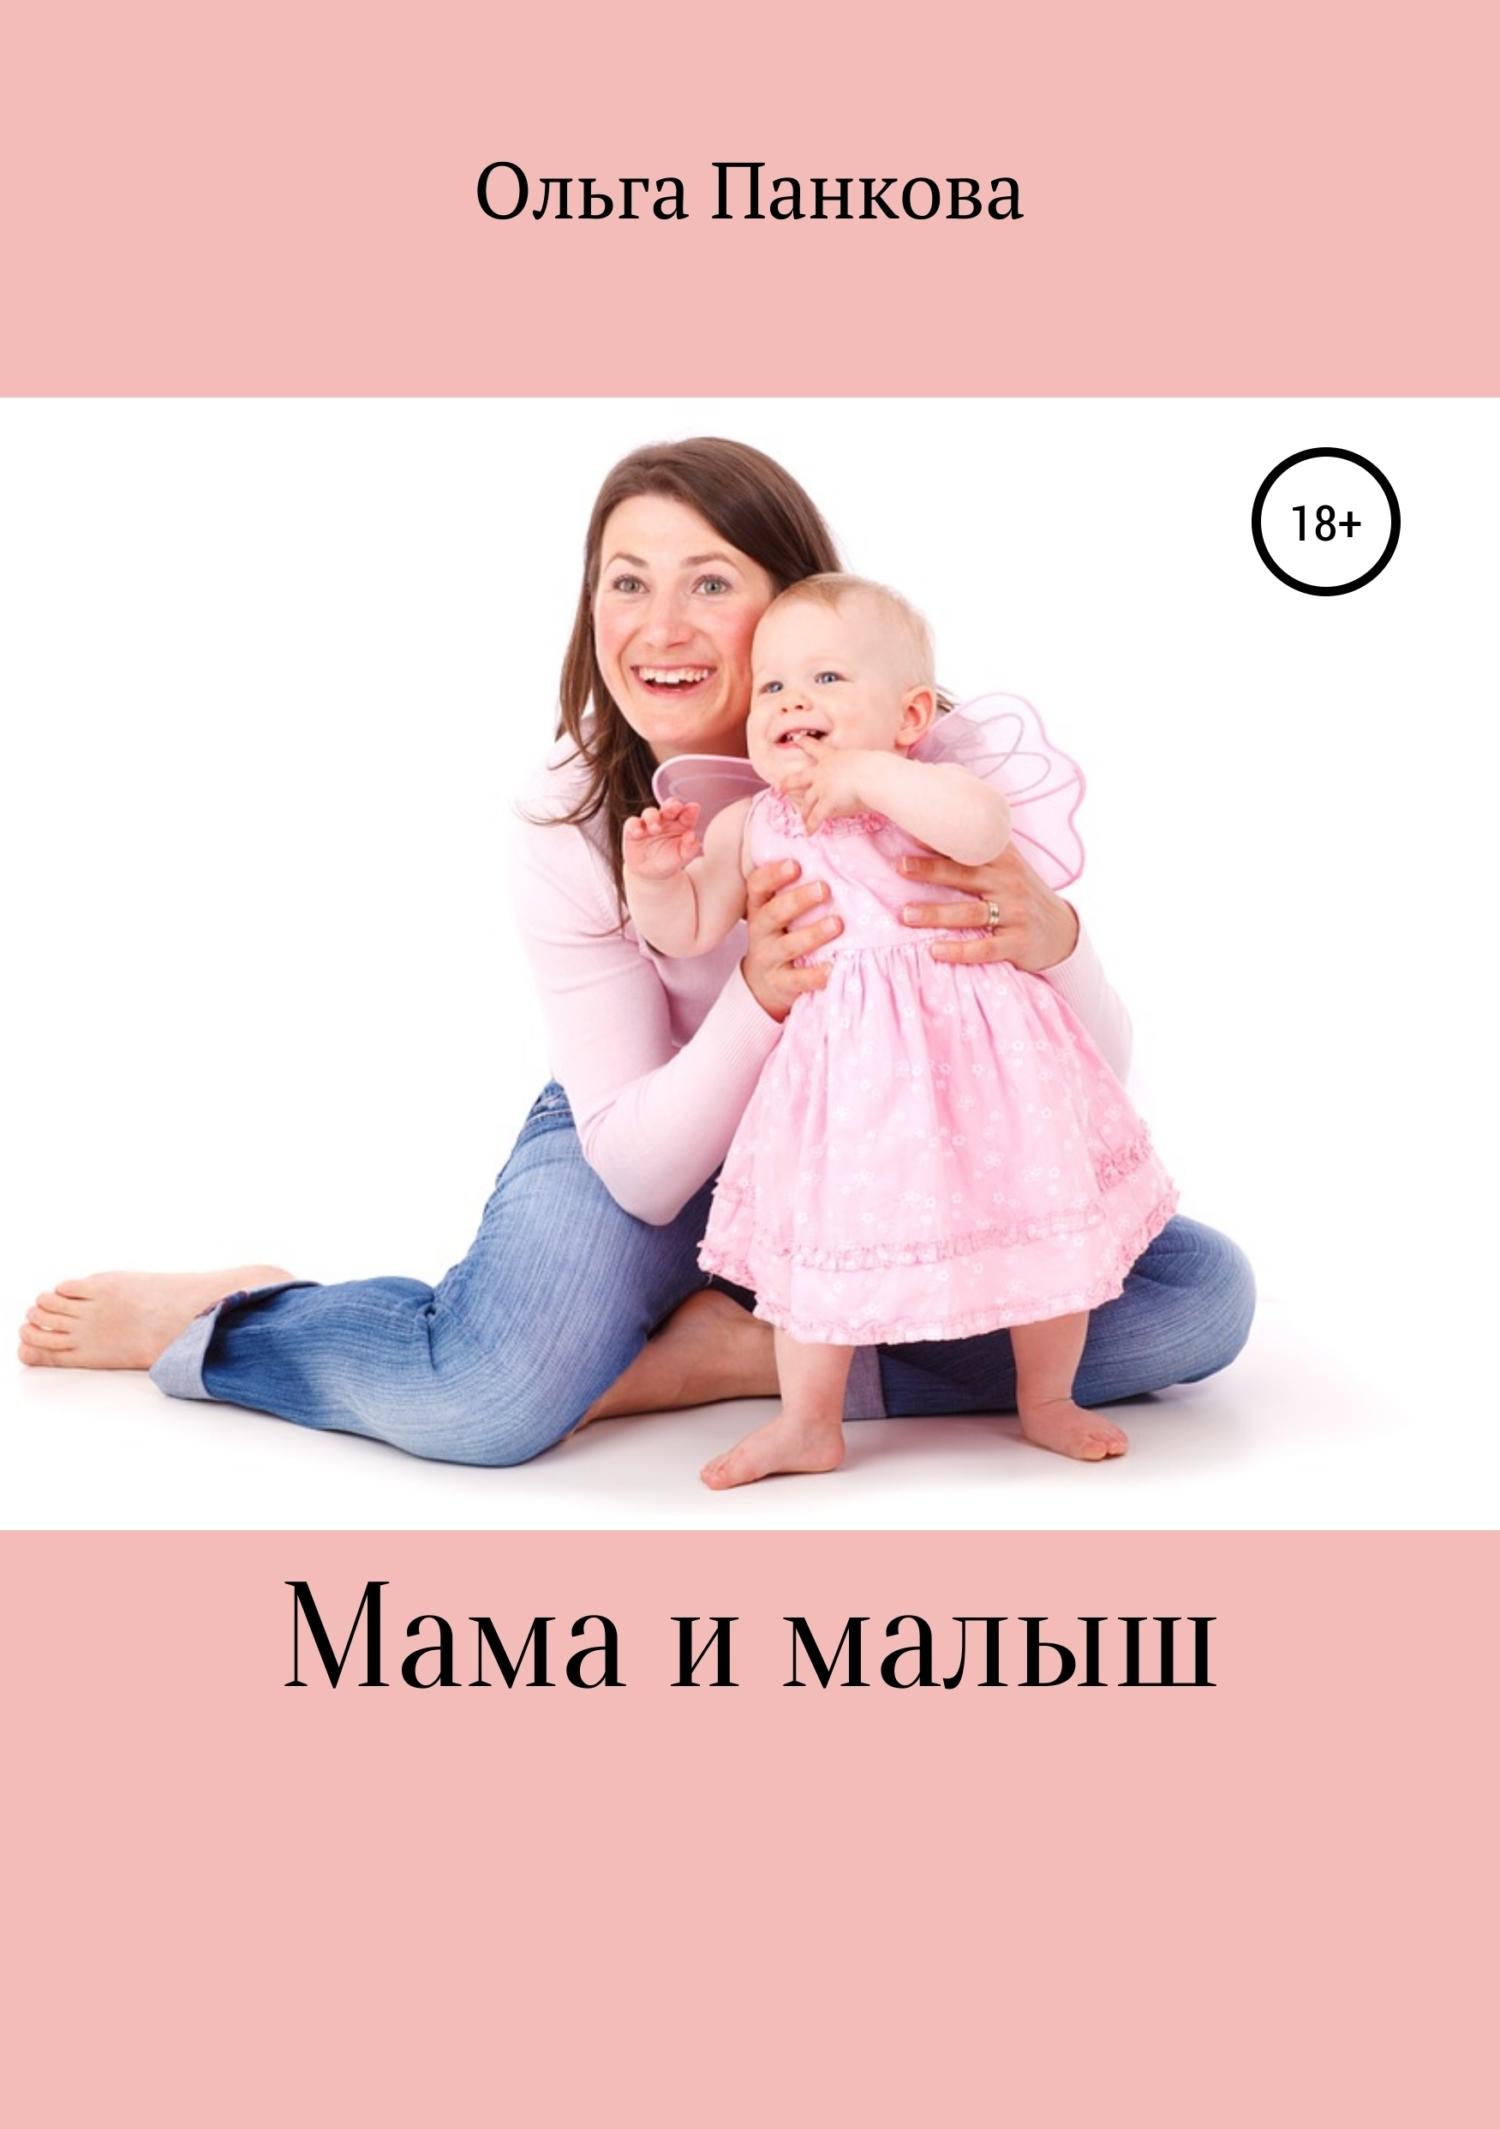 Фото - Ольга Юрьевна Панкова Мама и малыш ольга юрьевна панкова бесплодие – не приговор